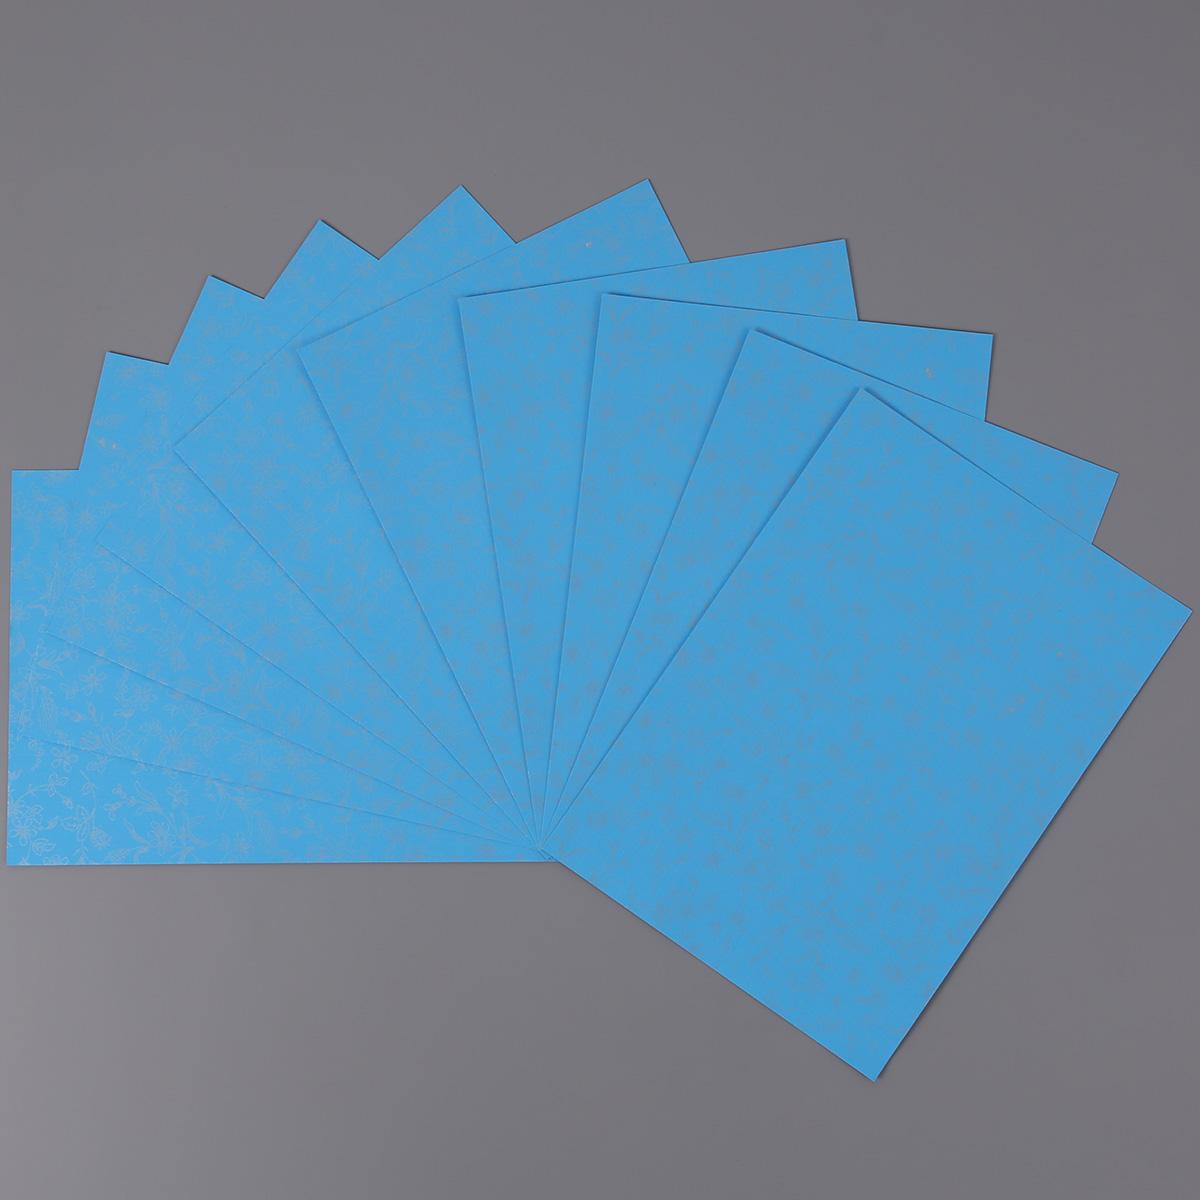 Xấp 10 Tờ Bìa Giấy Thơm A4 180gsm Làm Handmade Có Hoa Văn